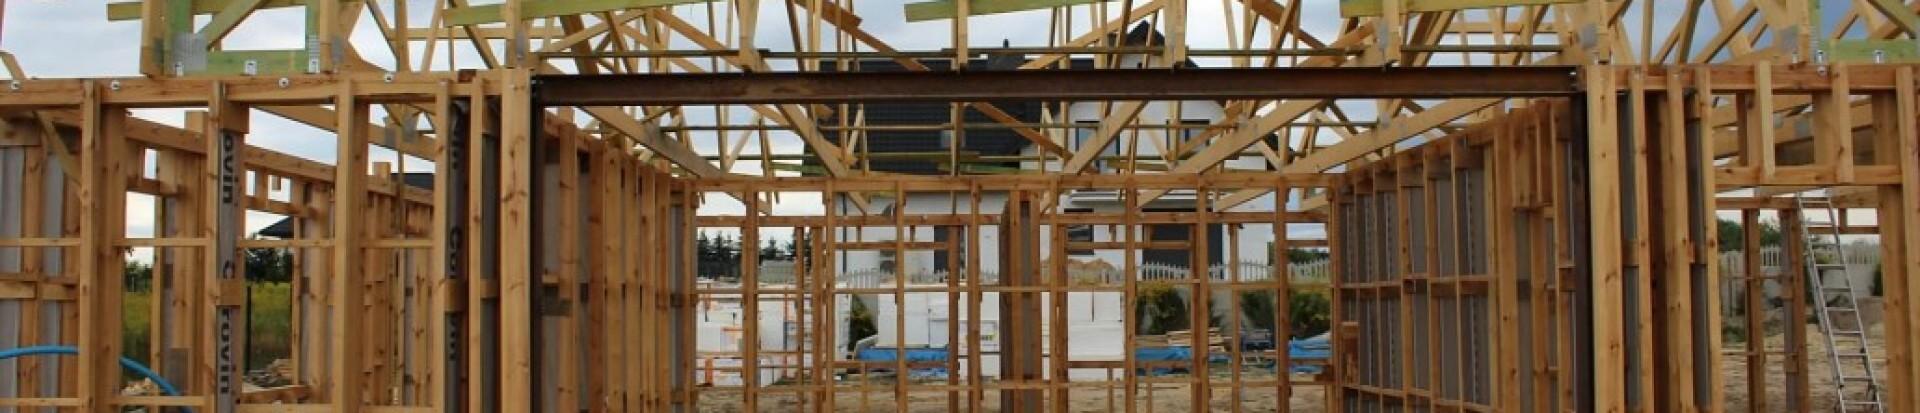 Kanadyjskie domy szkieletowe –świetlana perspektywa budownictwa?